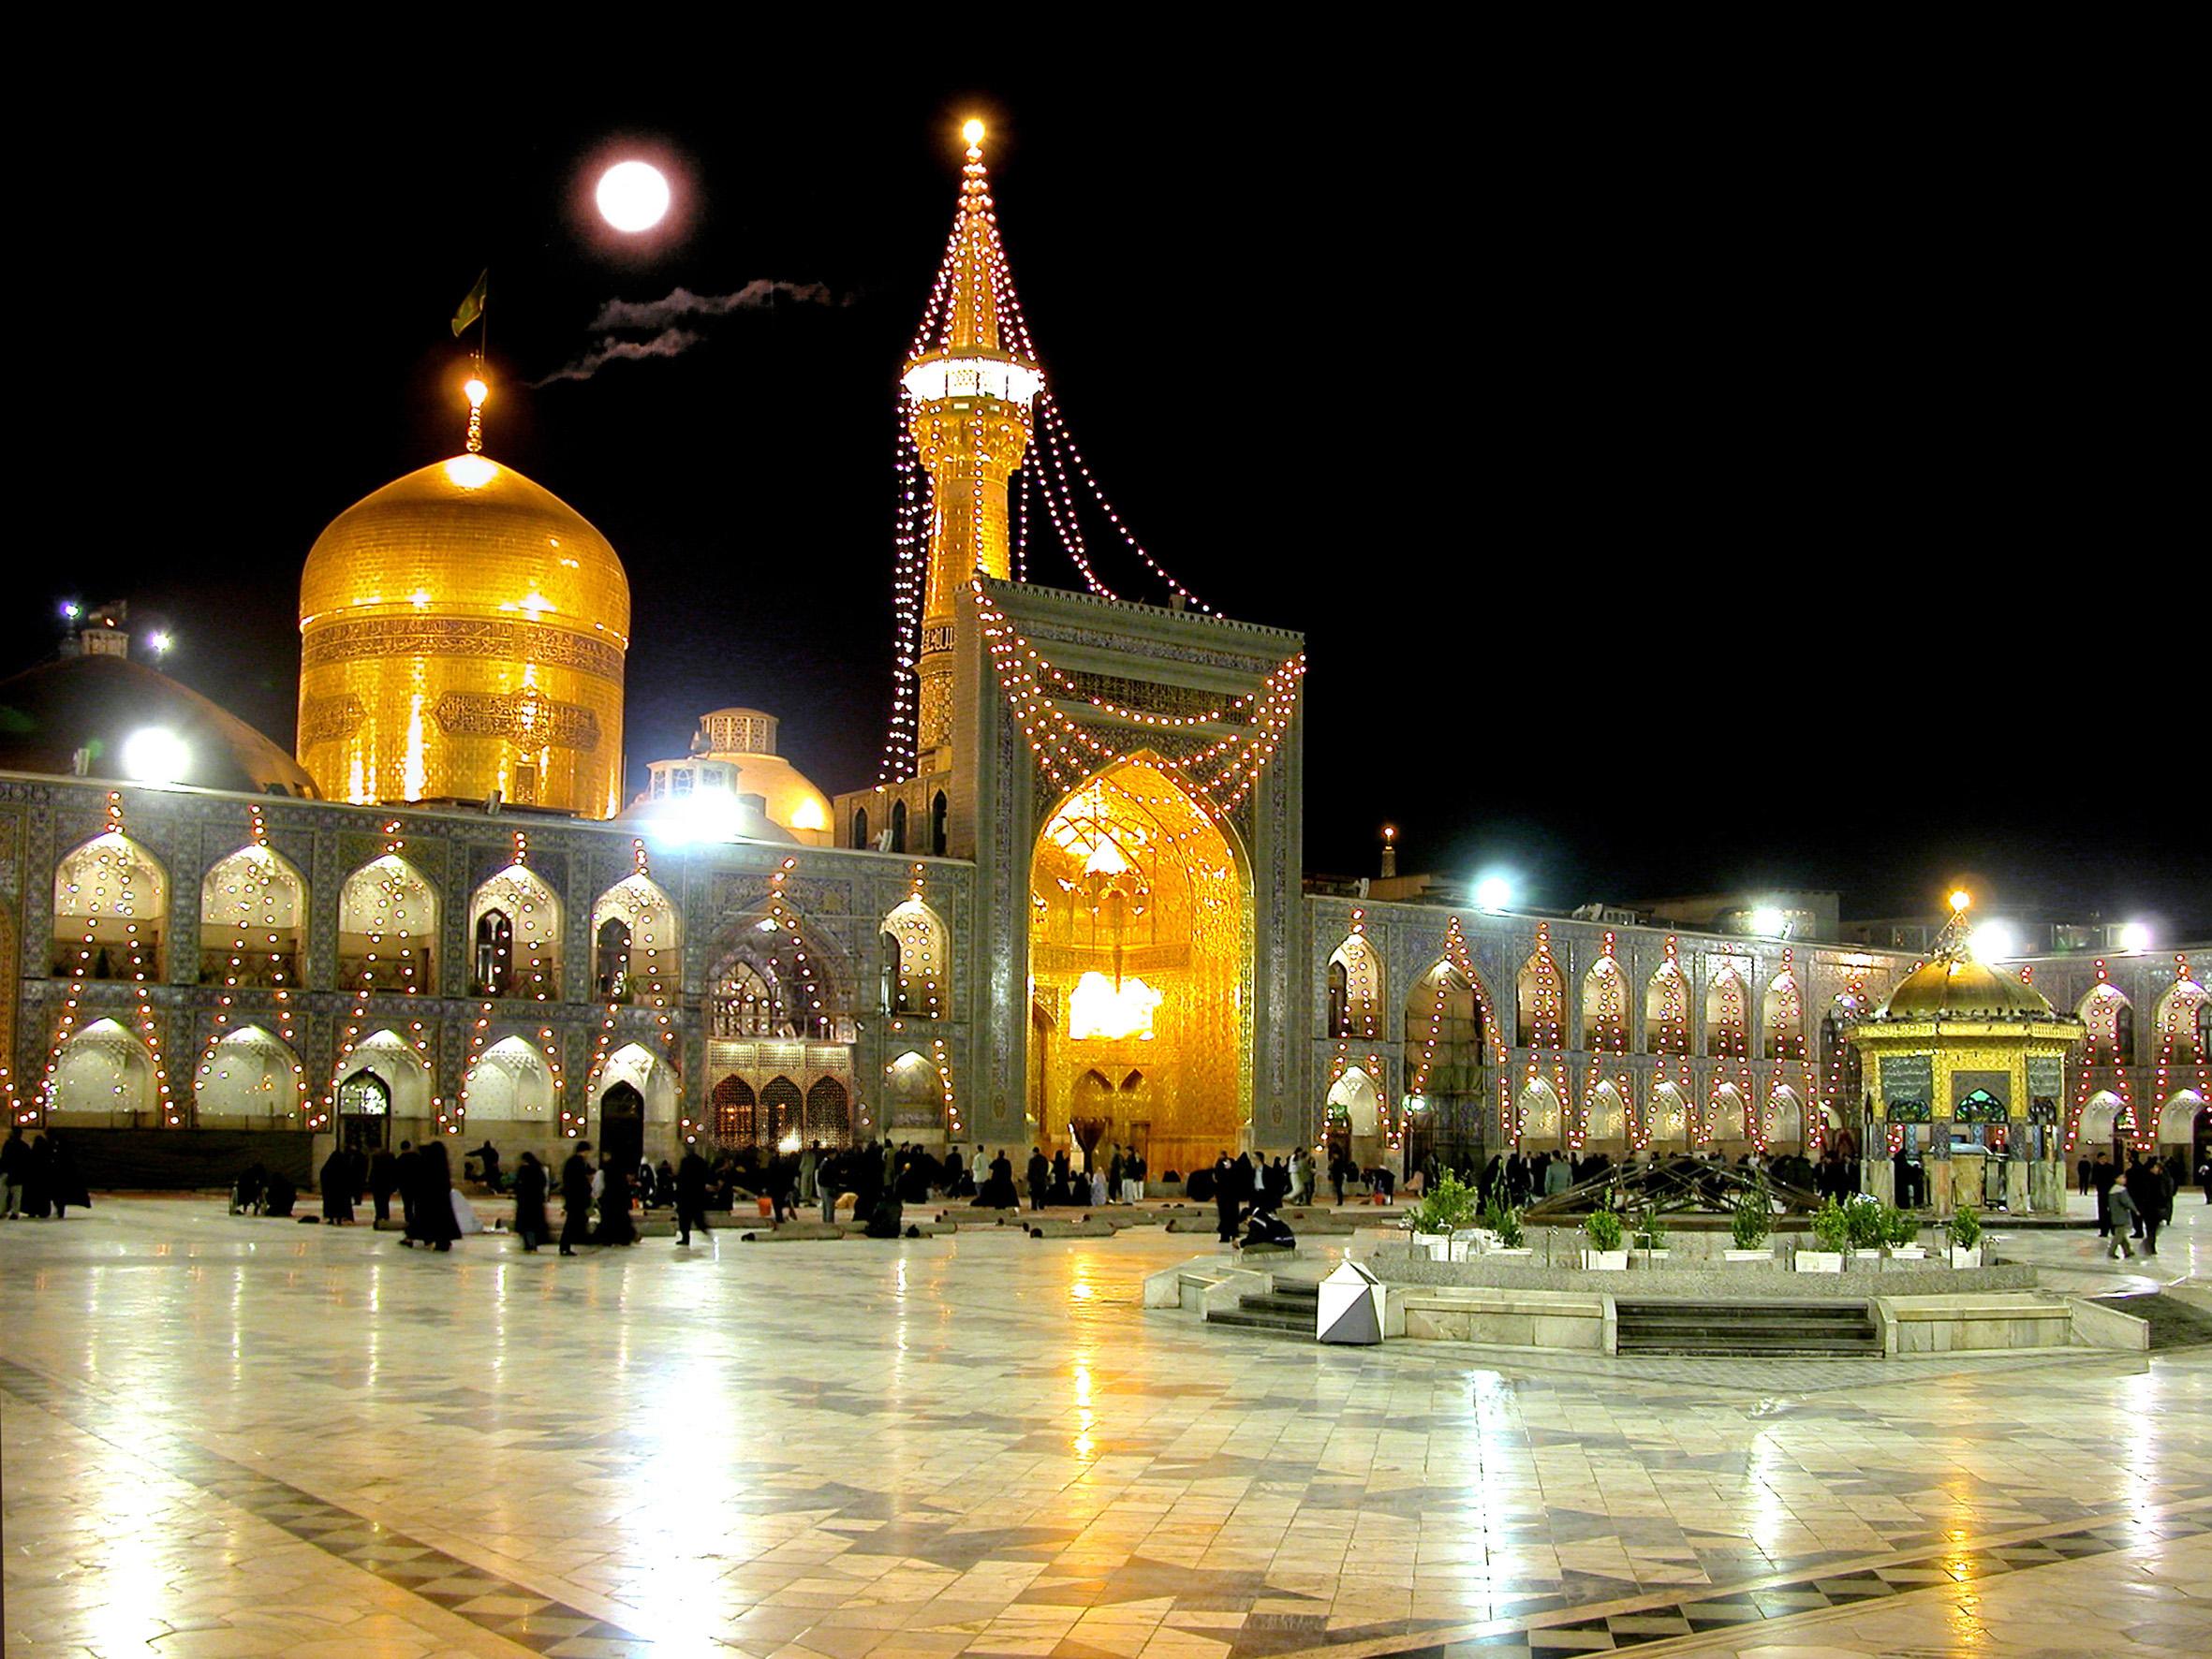 10 هزار فرهنگی با تورهای شرکت زاگرس به مشهد مقدس می روند